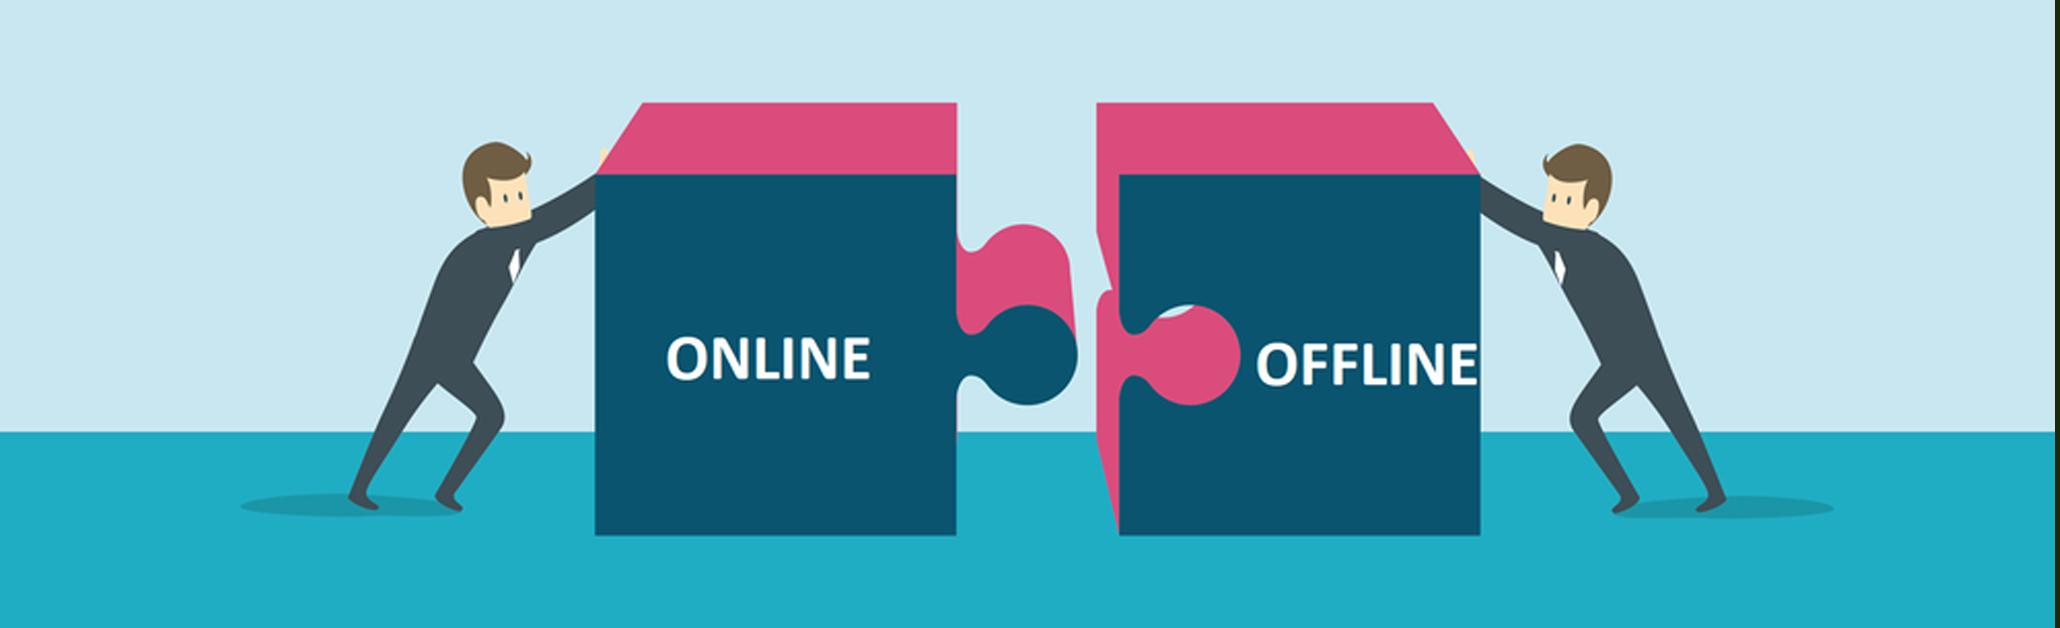 4f7a6a4b694d Marketing online e offline: saiba como unir essas estratégias - Nova ...